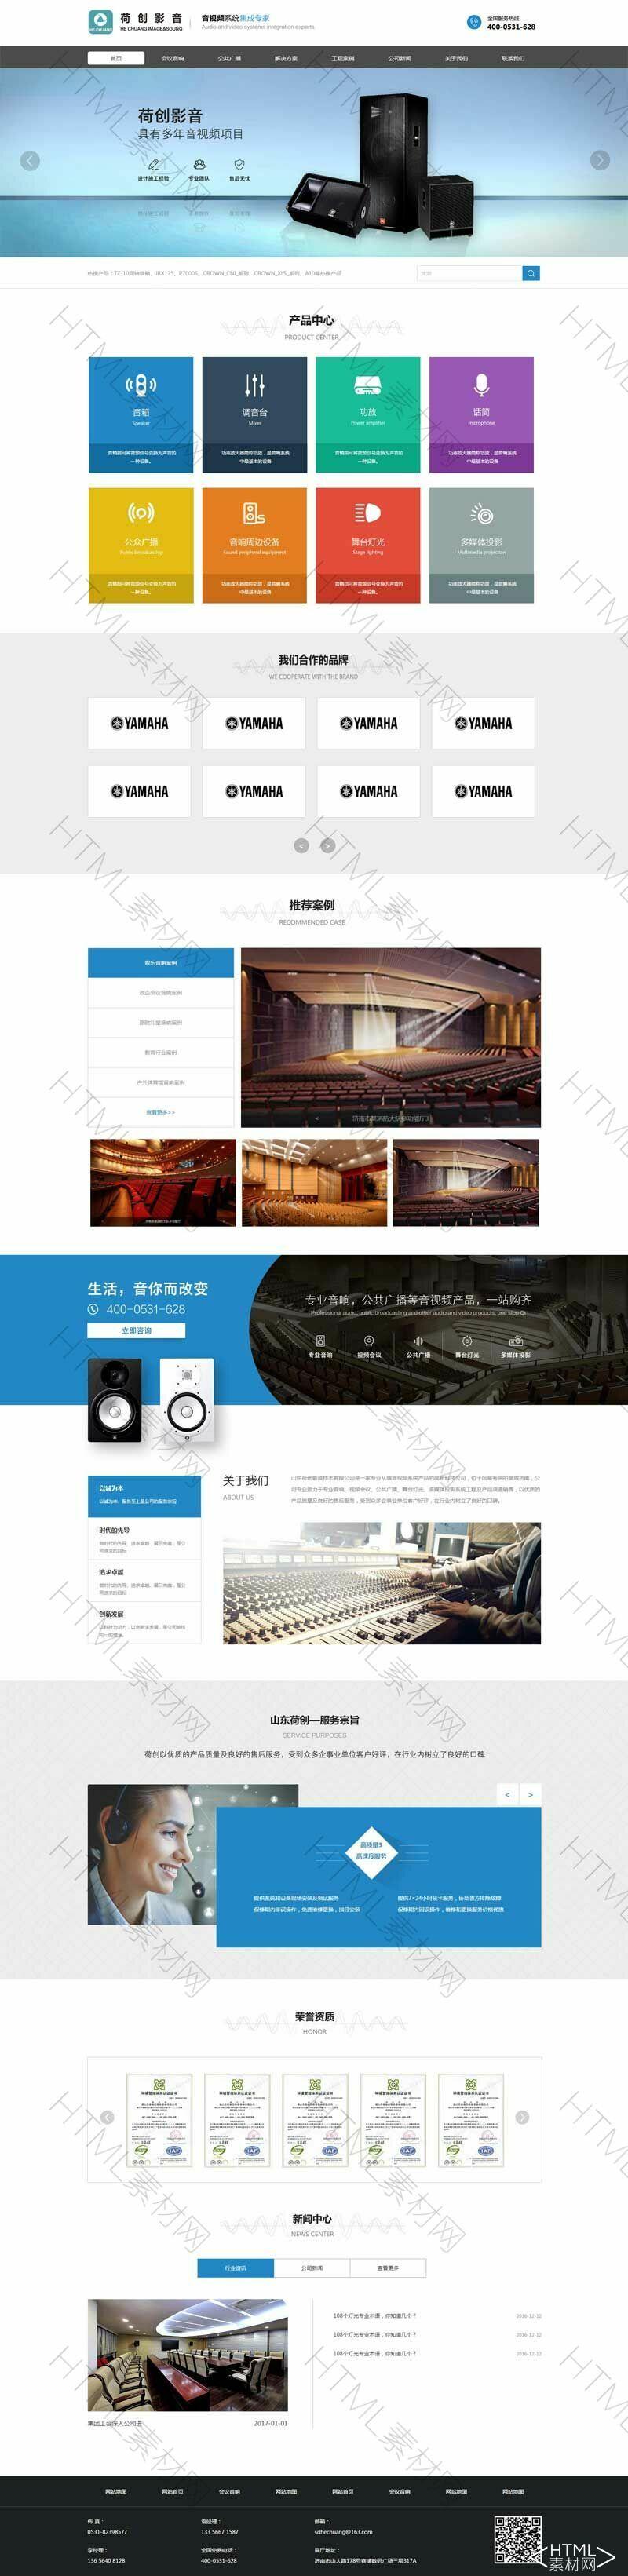 宽屏的音响音频设备技术公司网站静态模板.jpg